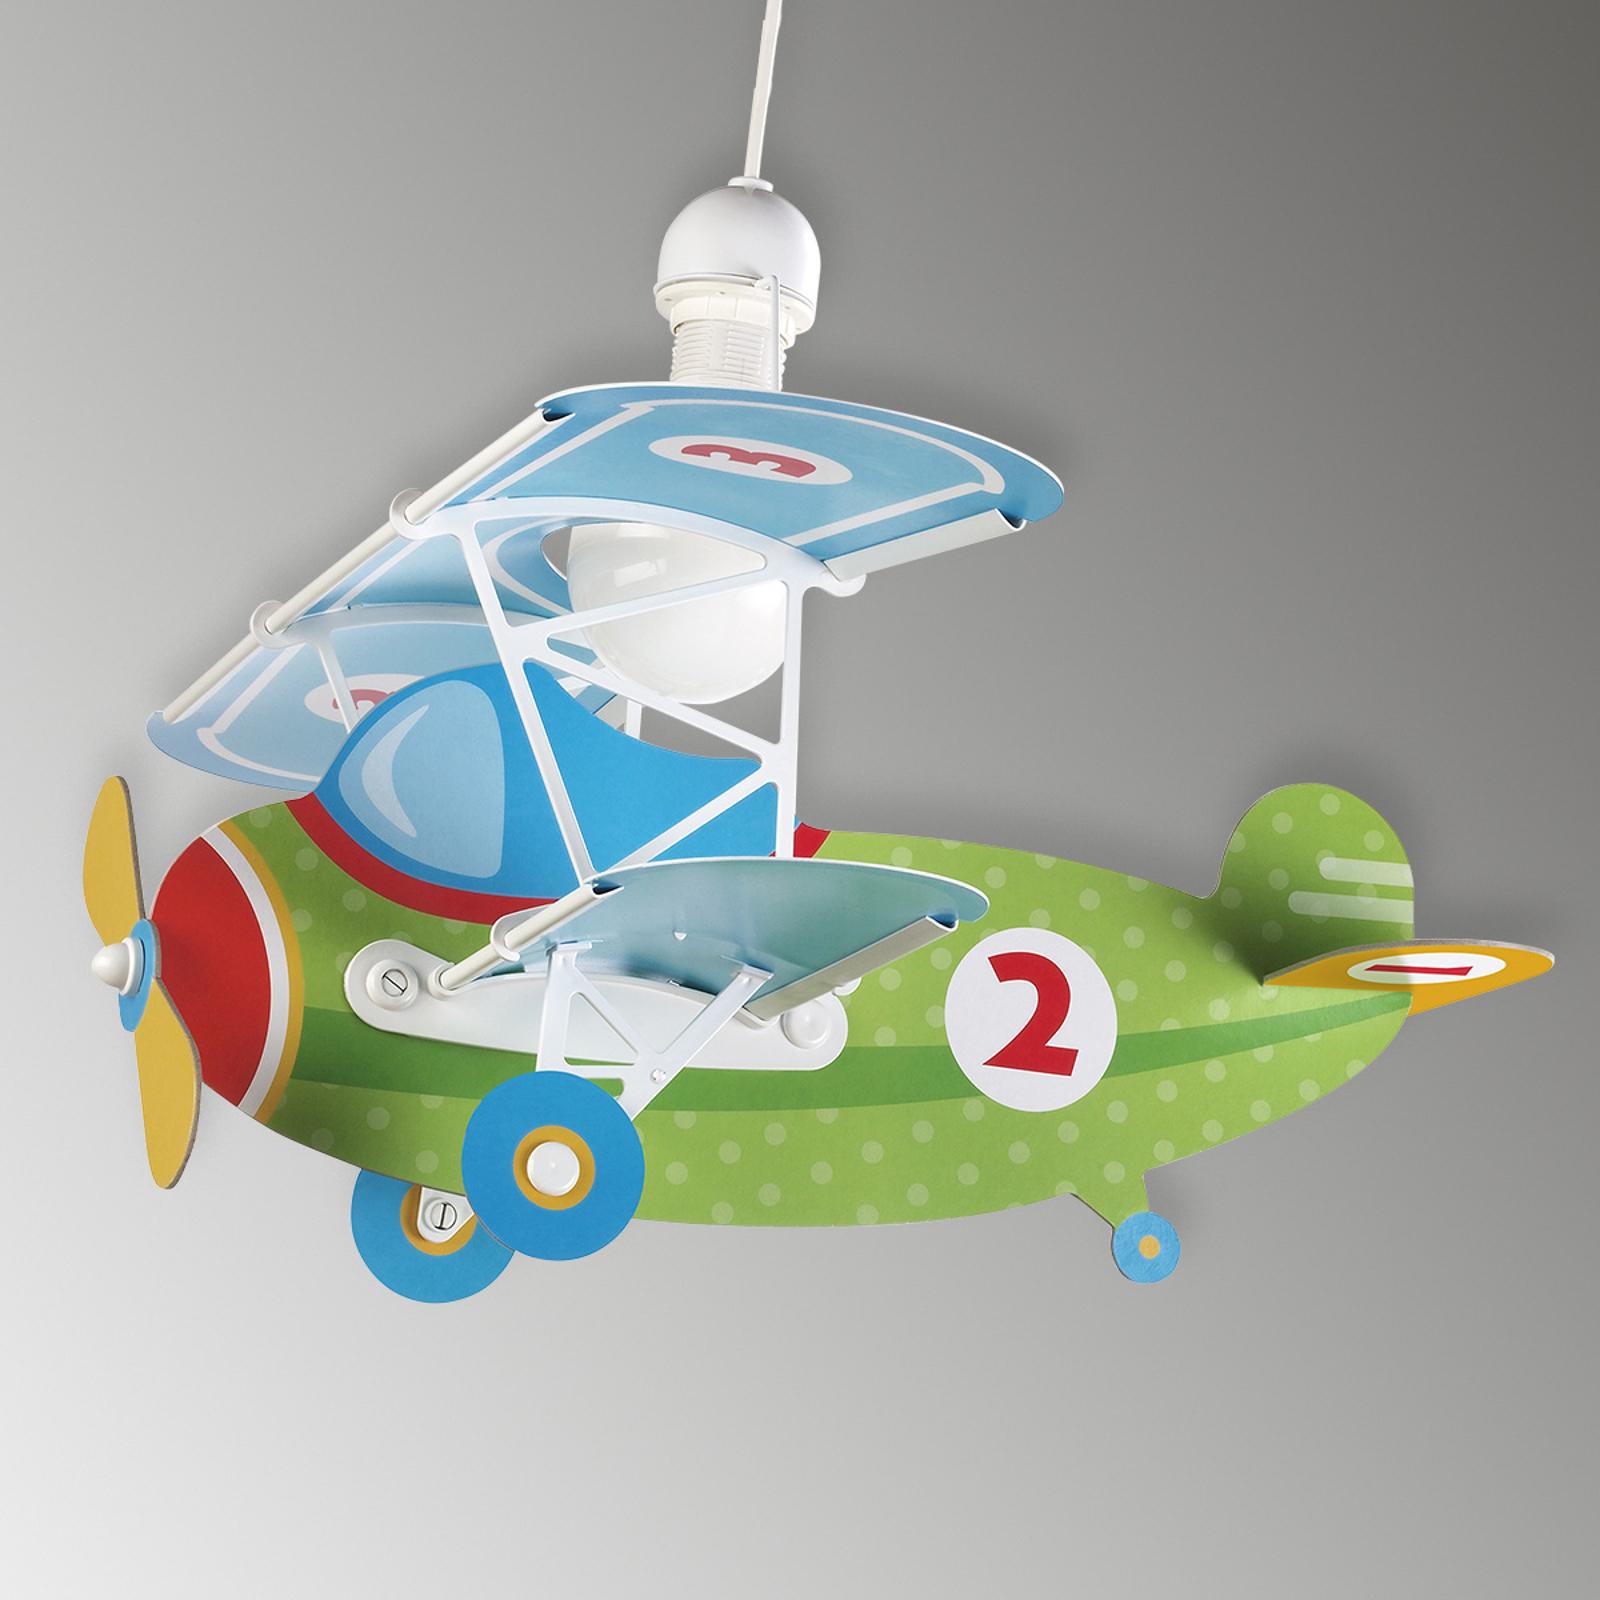 Flugzeug-Hängeleuchte Baby Plane